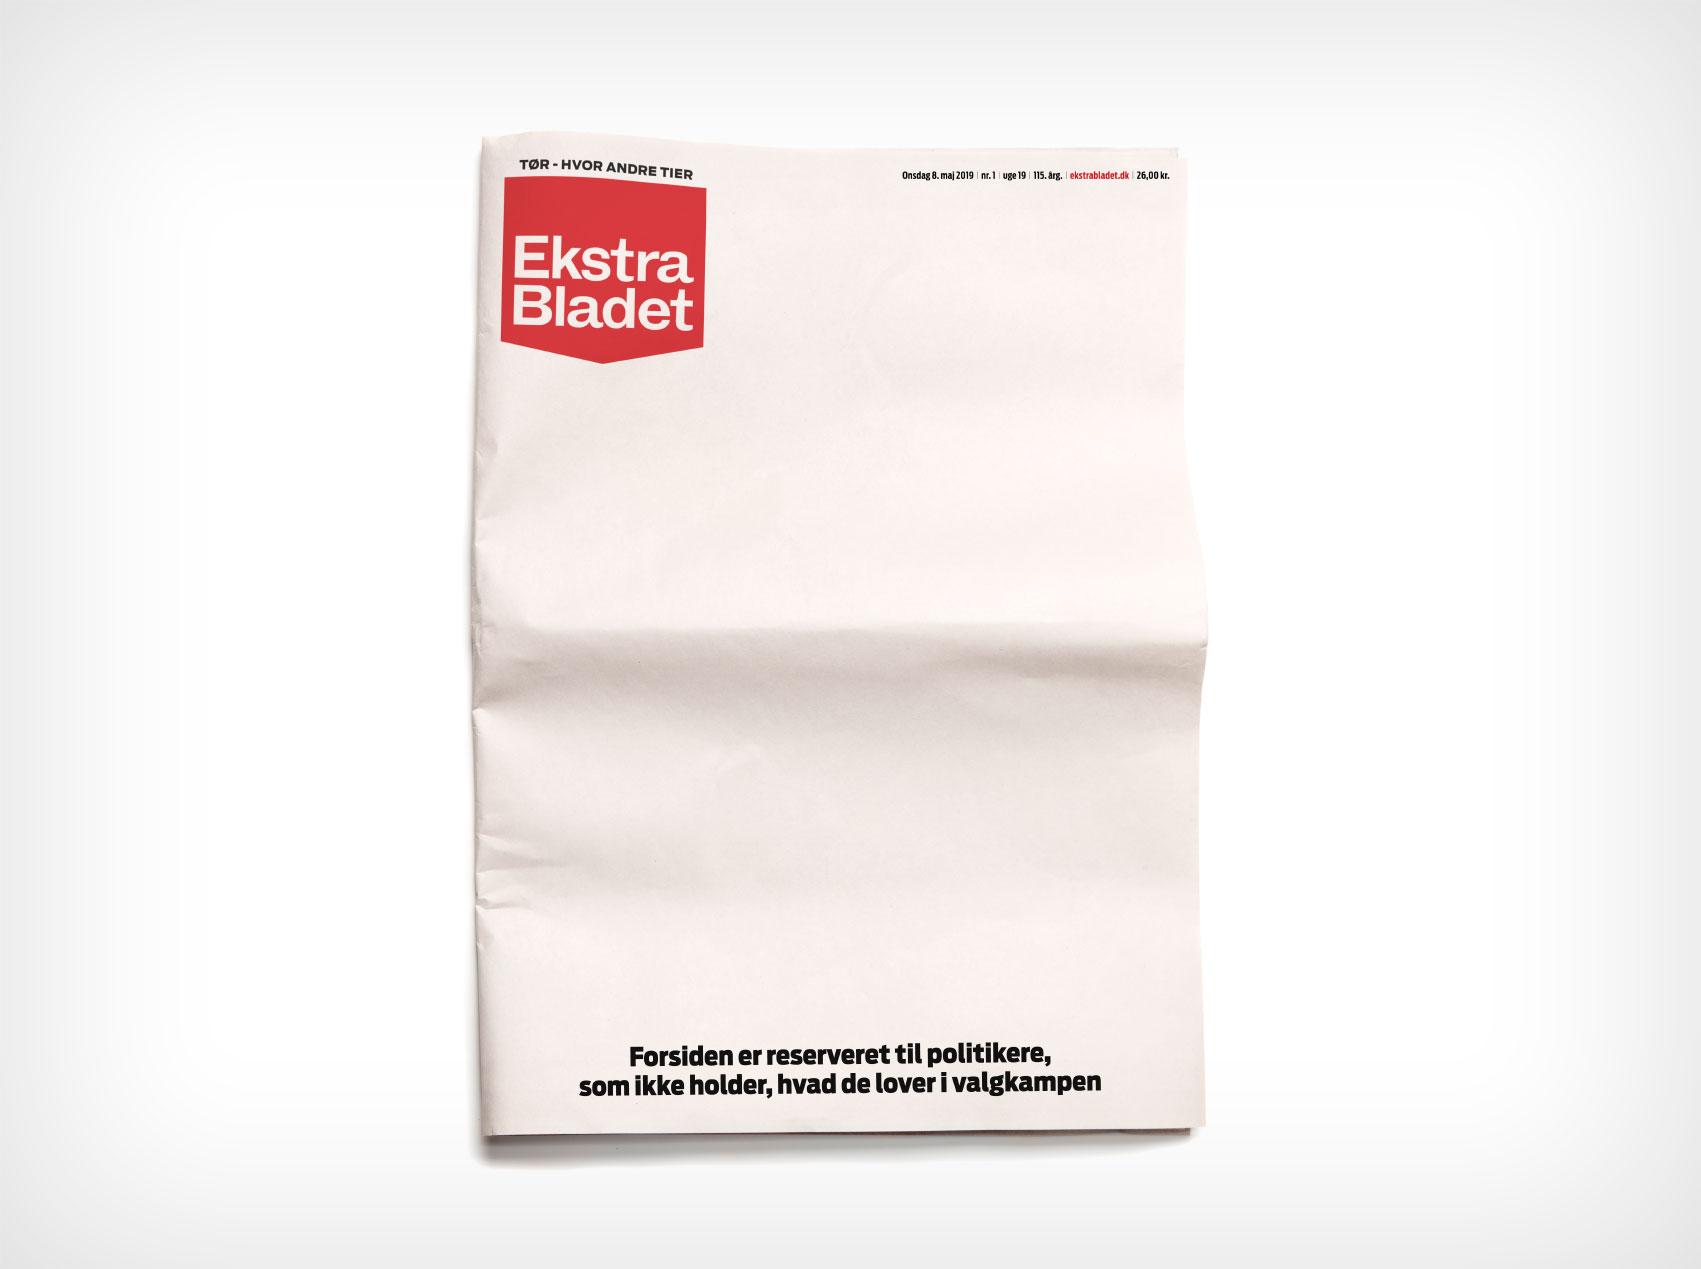 Ekstra Bladet Blank Frontpage